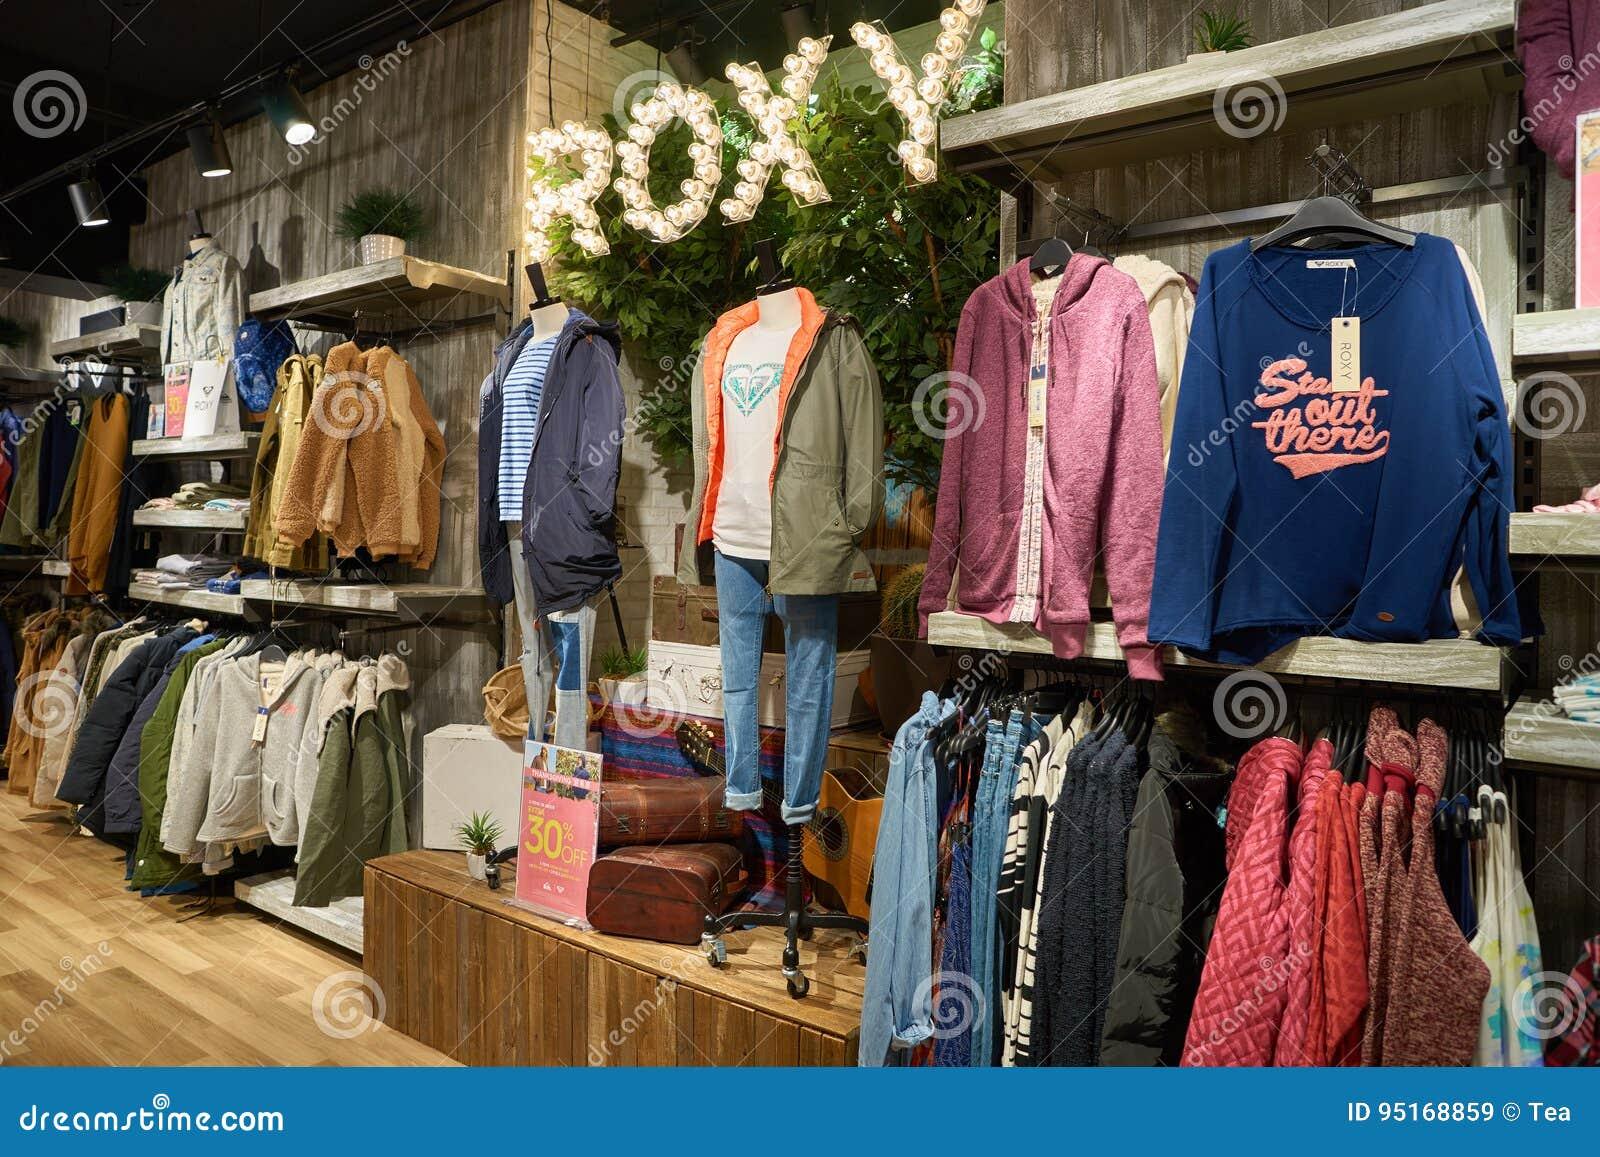 op voet schoten van nieuwe levensstijl hele collectie Quiksilver editorial stock image. Image of retail, shop ...